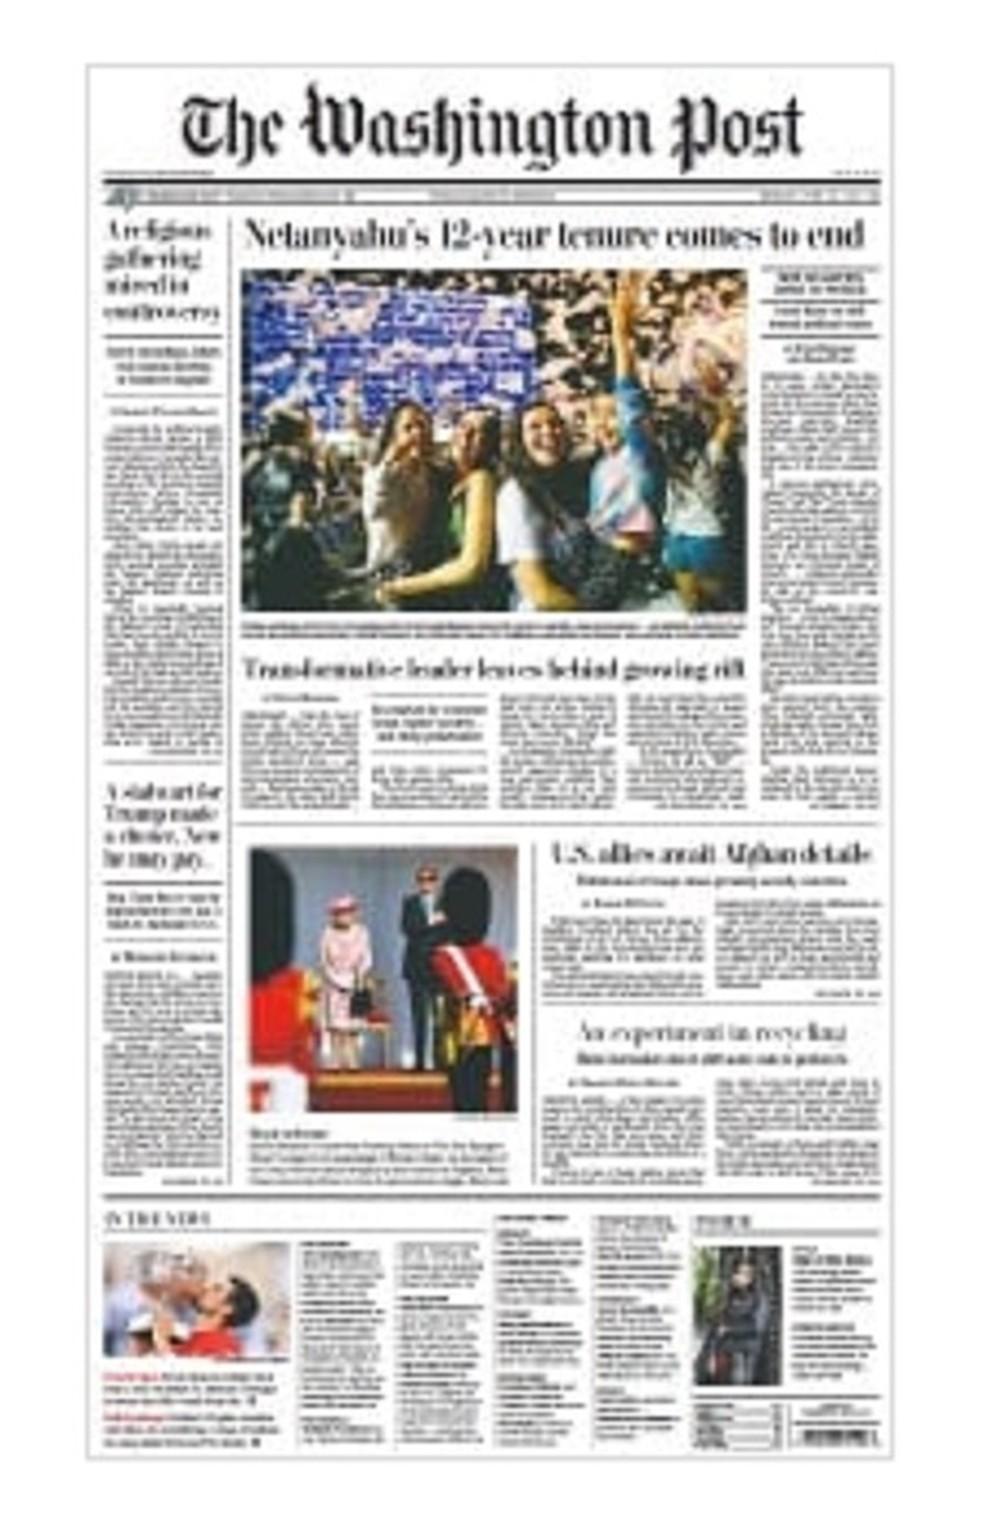 Capa real do Washington Post nesta segunda — Foto: Reprodução